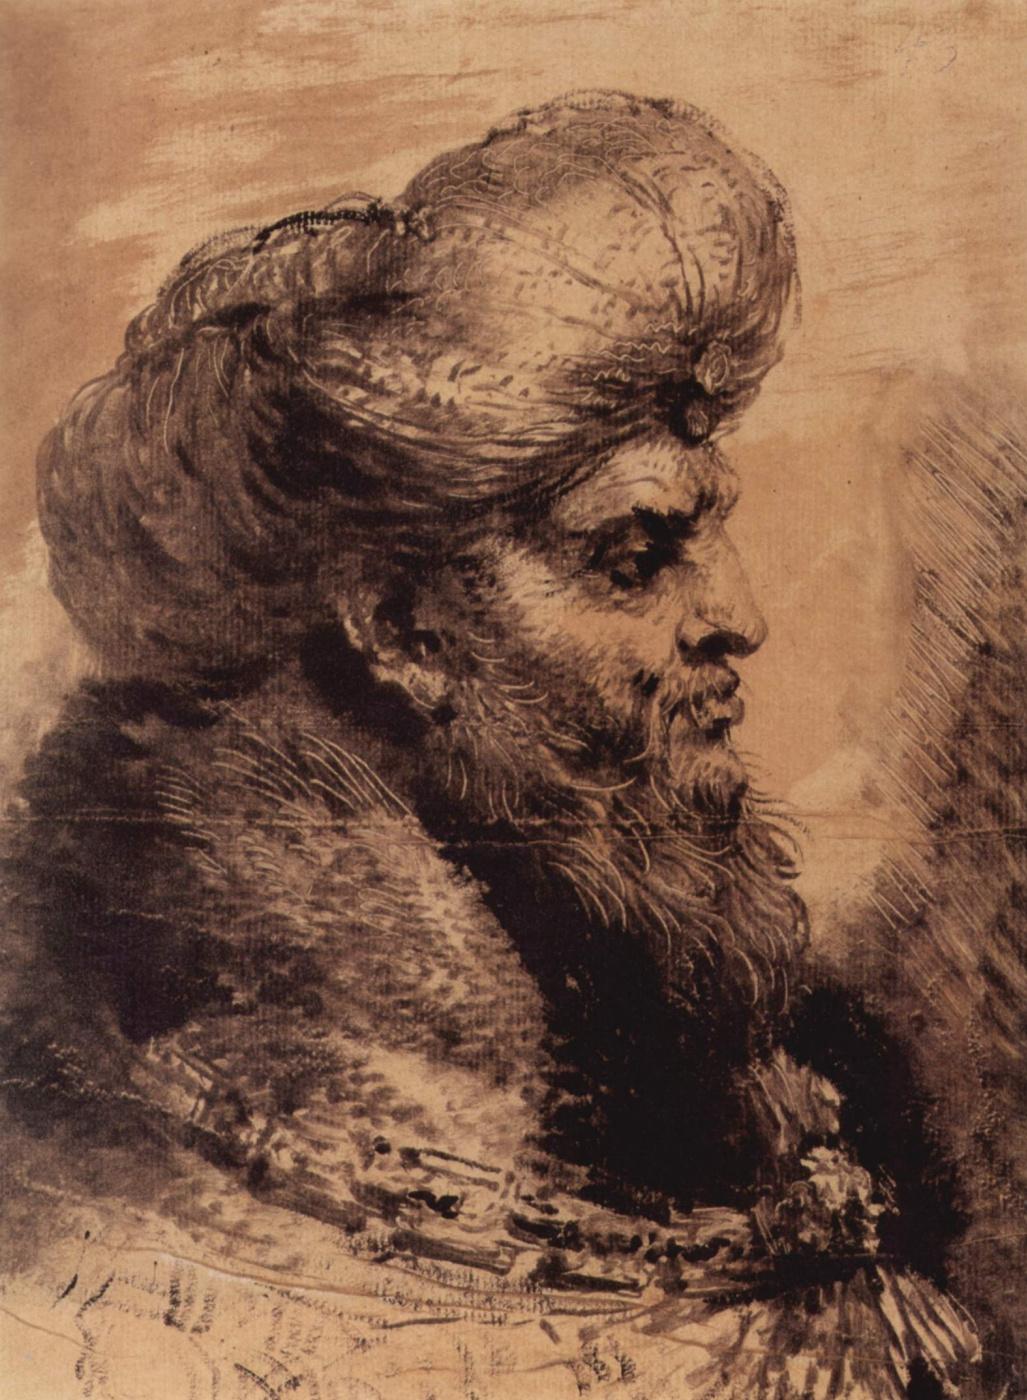 Giovanni Benedetto Castiglione. The head of a bearded Oriental